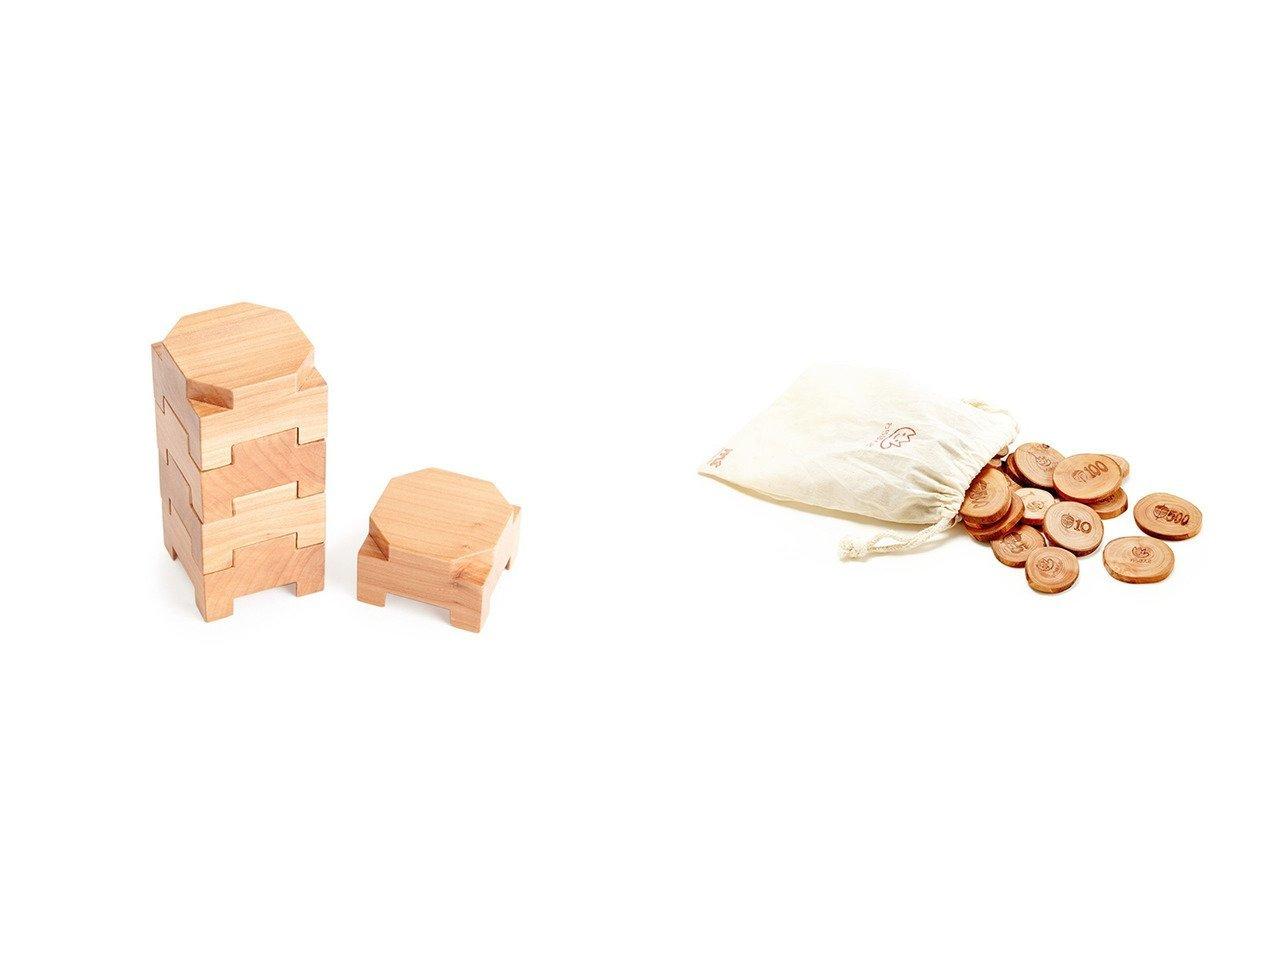 【Kimura Woodcraft Factory/木村木品製作所】のわらはんど きづき「かどをそろえる」 わらはんど きづき「かどをそろえる」&わらはんど 森のごっこコイン わらはんど 森のごっこコイン 【日本製 キッズ FURNITURE】おすすめ!人気、インテリア雑貨・家具の通販 おすすめで人気の流行・トレンド、ファッションの通販商品 インテリア・家具・メンズファッション・キッズファッション・レディースファッション・服の通販 founy(ファニー) https://founy.com/ 送料無料 Free Shipping コイン ホーム・キャンプ・アウトドア Home,Garden,Outdoor,Camping Gear 家具・インテリア Furniture キッズ家具 Kids' Furniture  ID:crp329100000055141